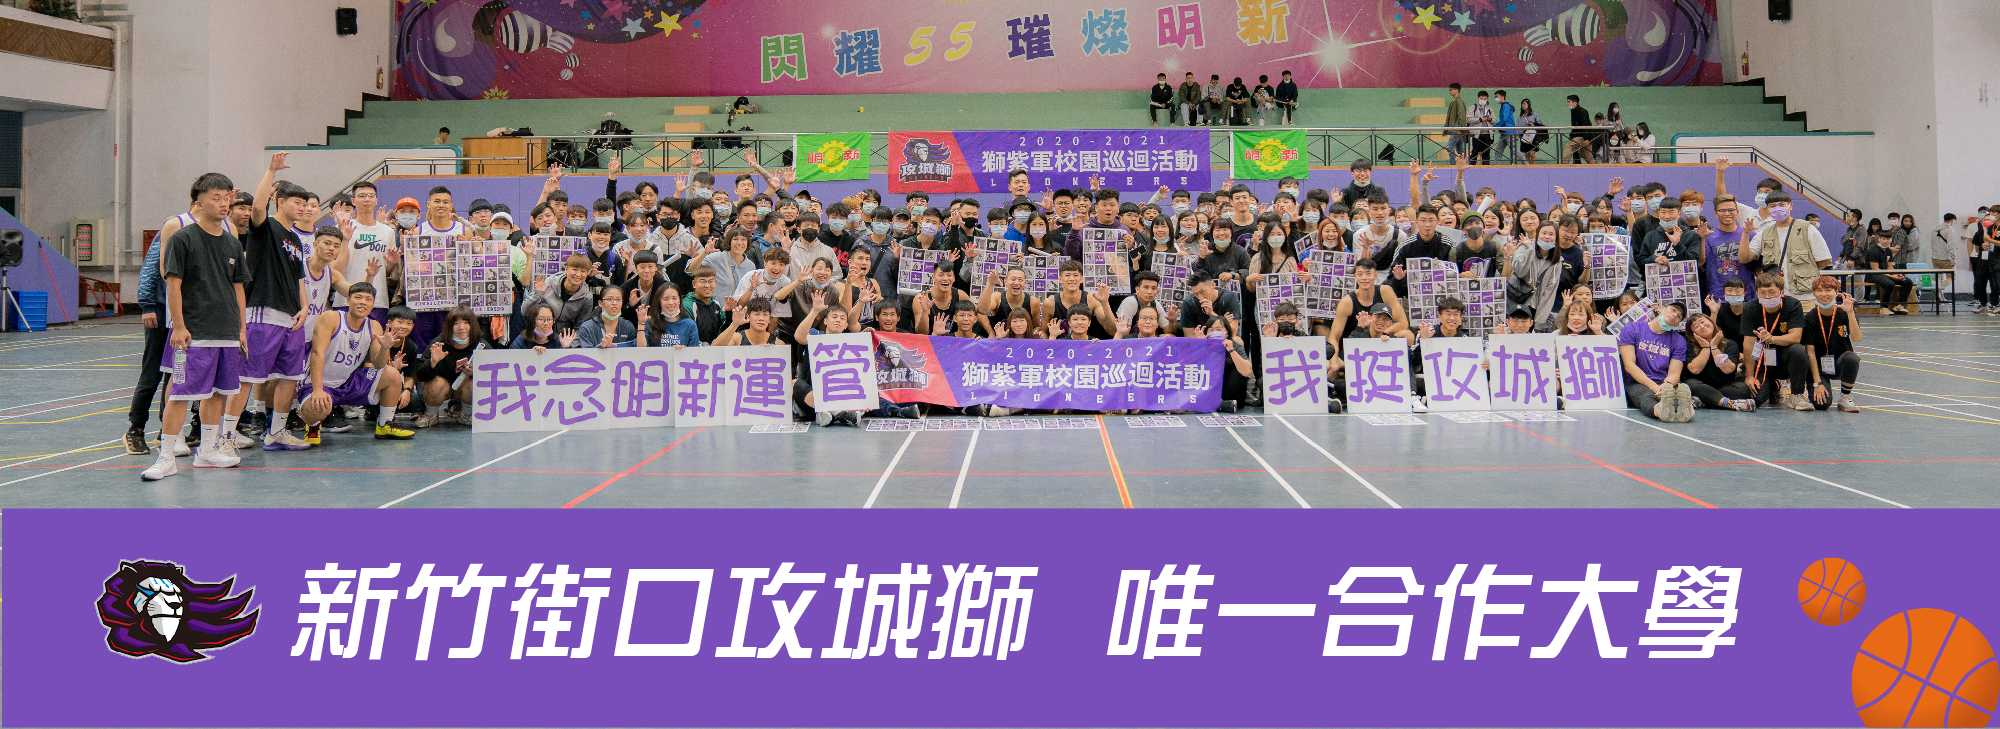 20211231 運管系 與新竹攻城獅職業籃球隊進行校園推廣活動